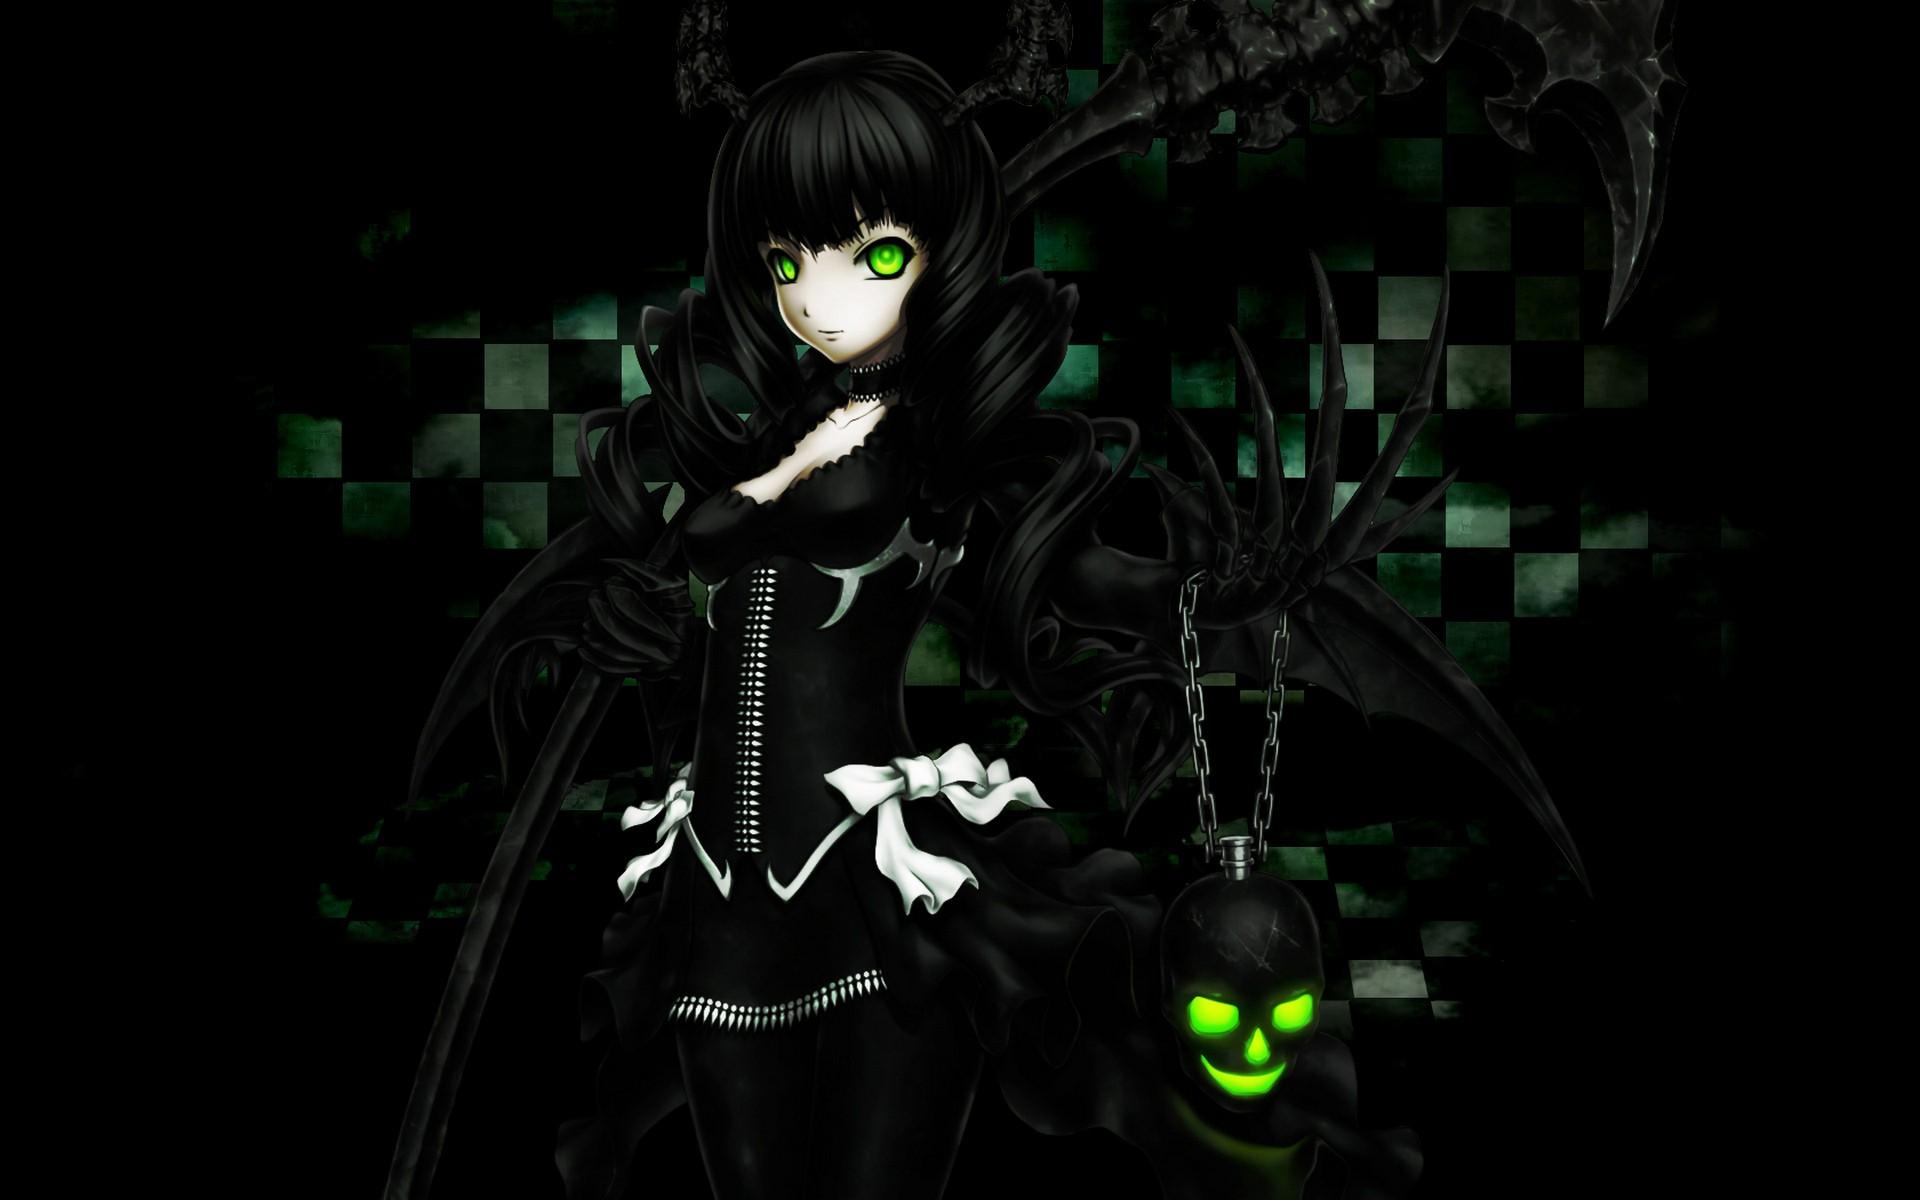 Cool Dark Anime Wallpapers - WallpaperSafari